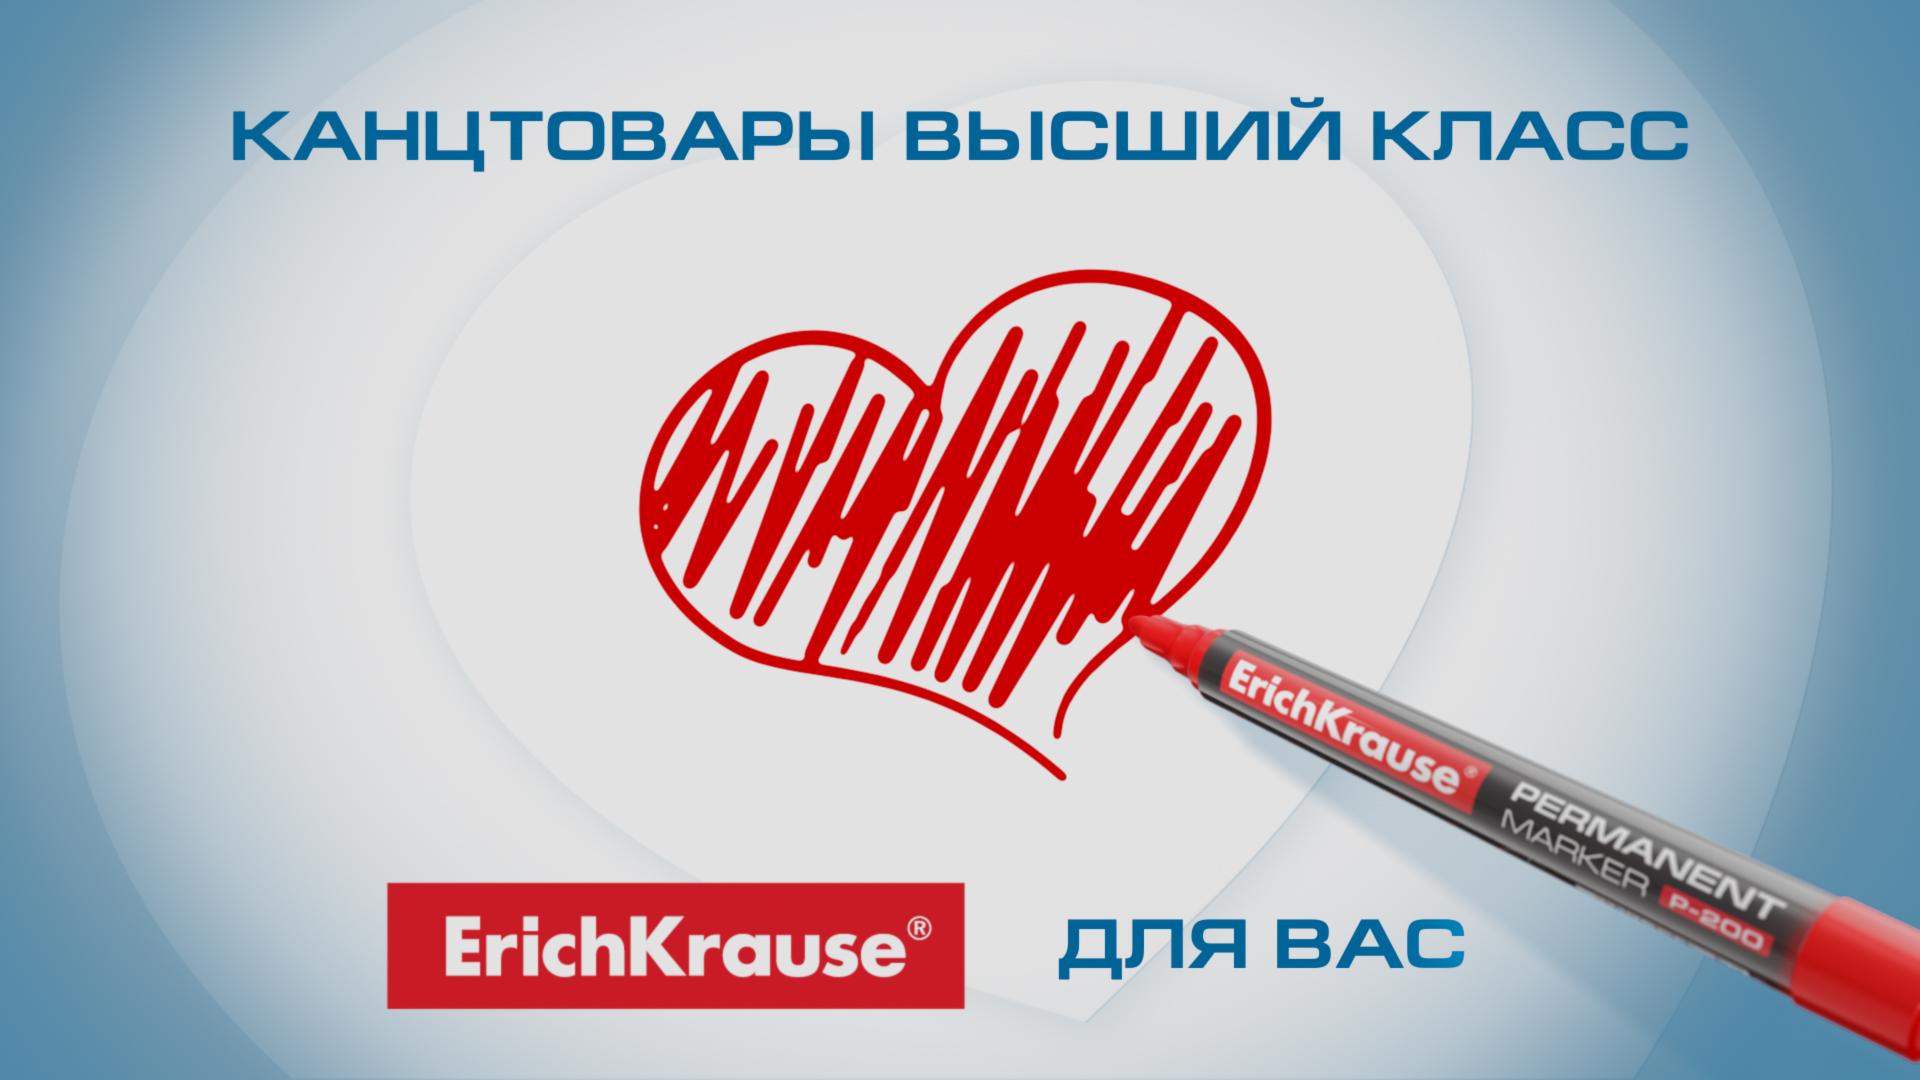 Купить больничный лист в Москве Нагатинский затон зао